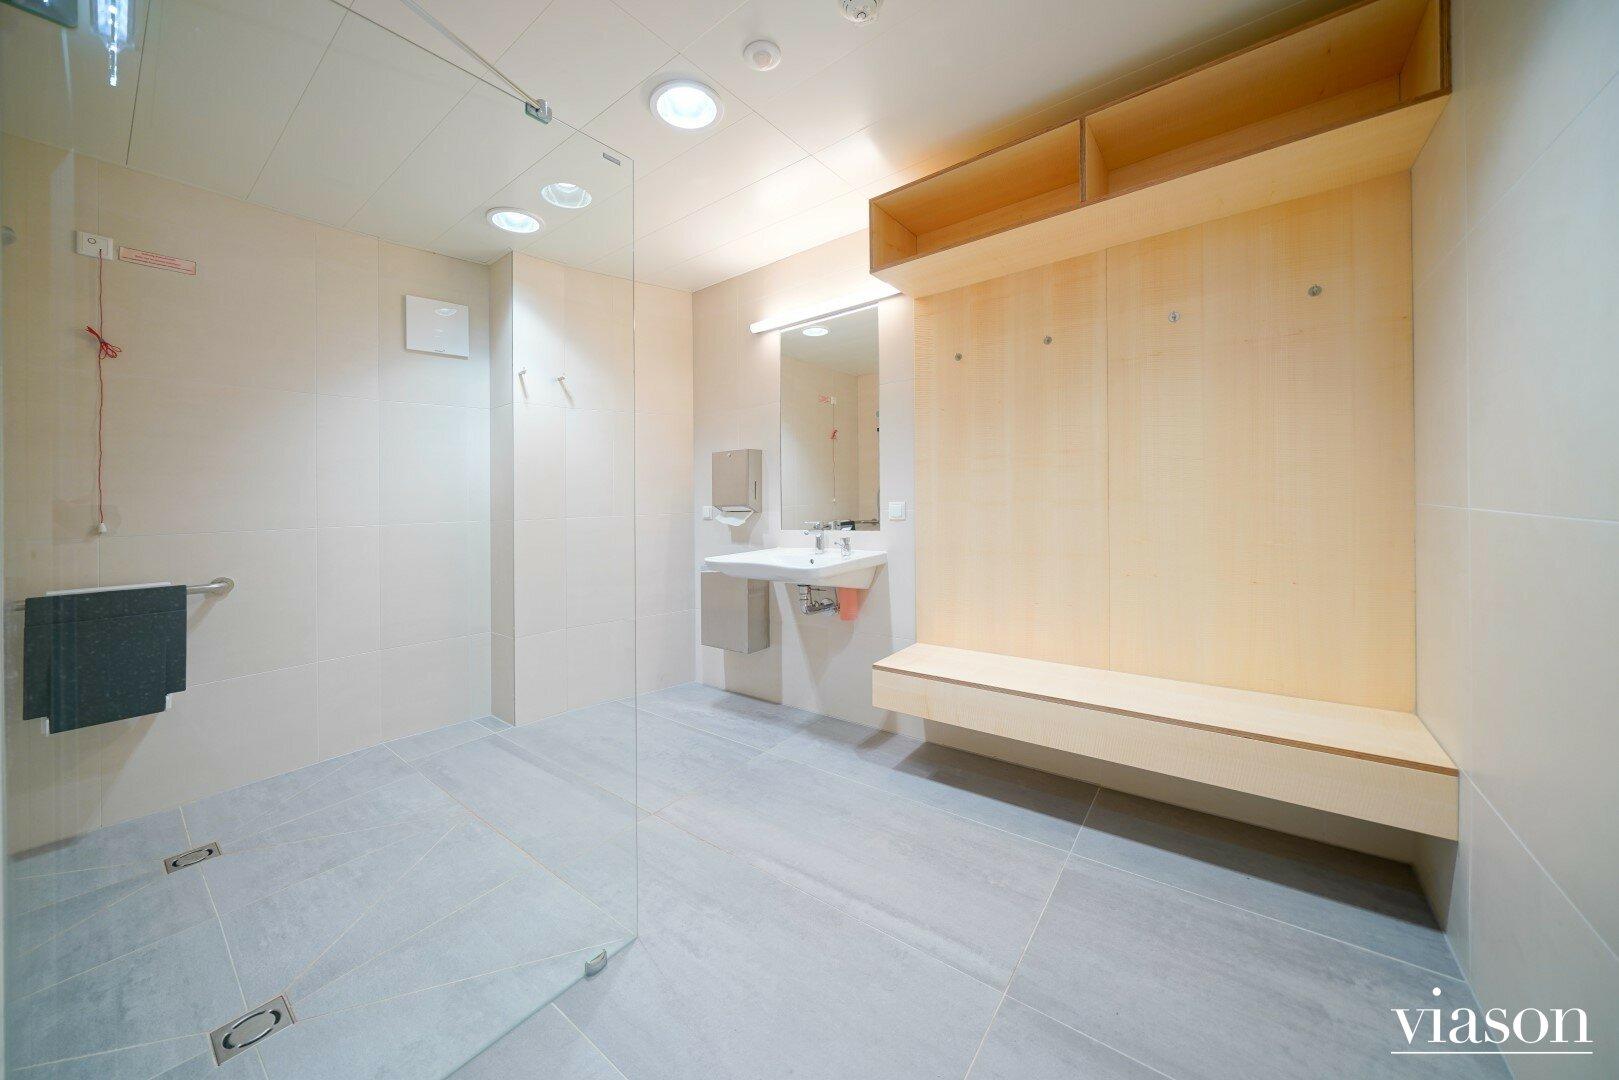 Duschen im Fitnessraum